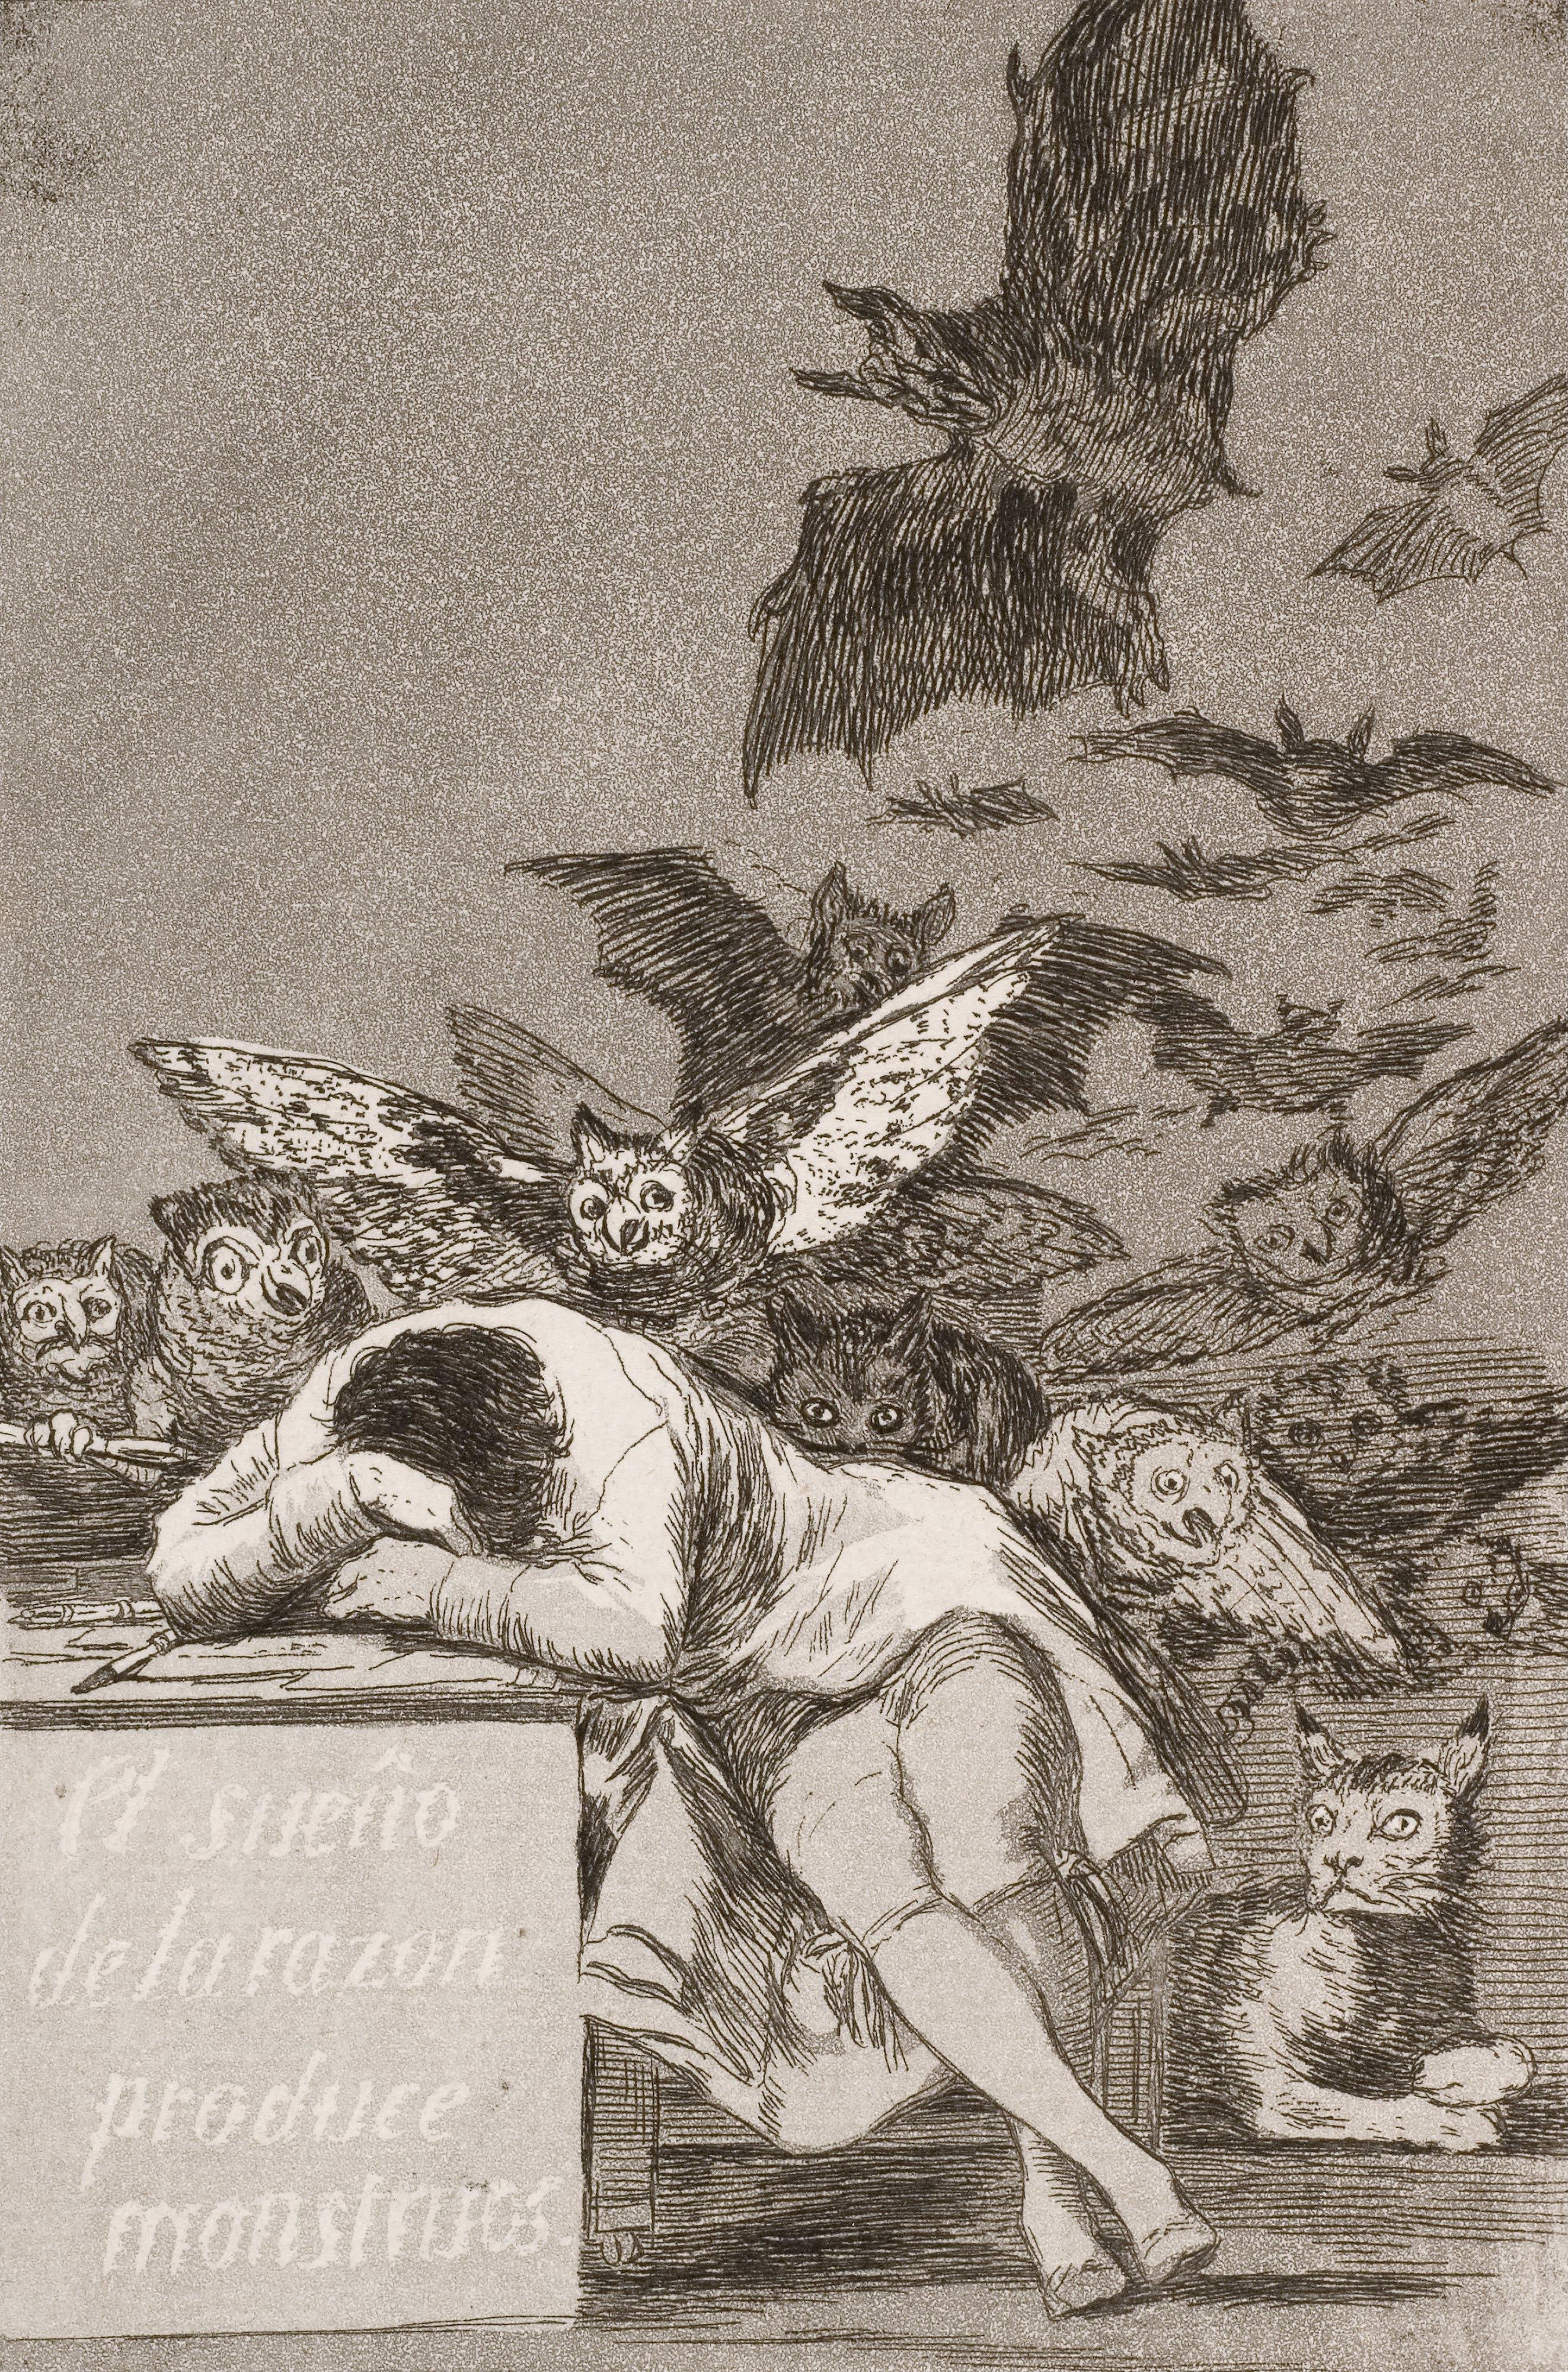 Goya el sueño de la razón produce monstruos (No. 43)Los Caprichos